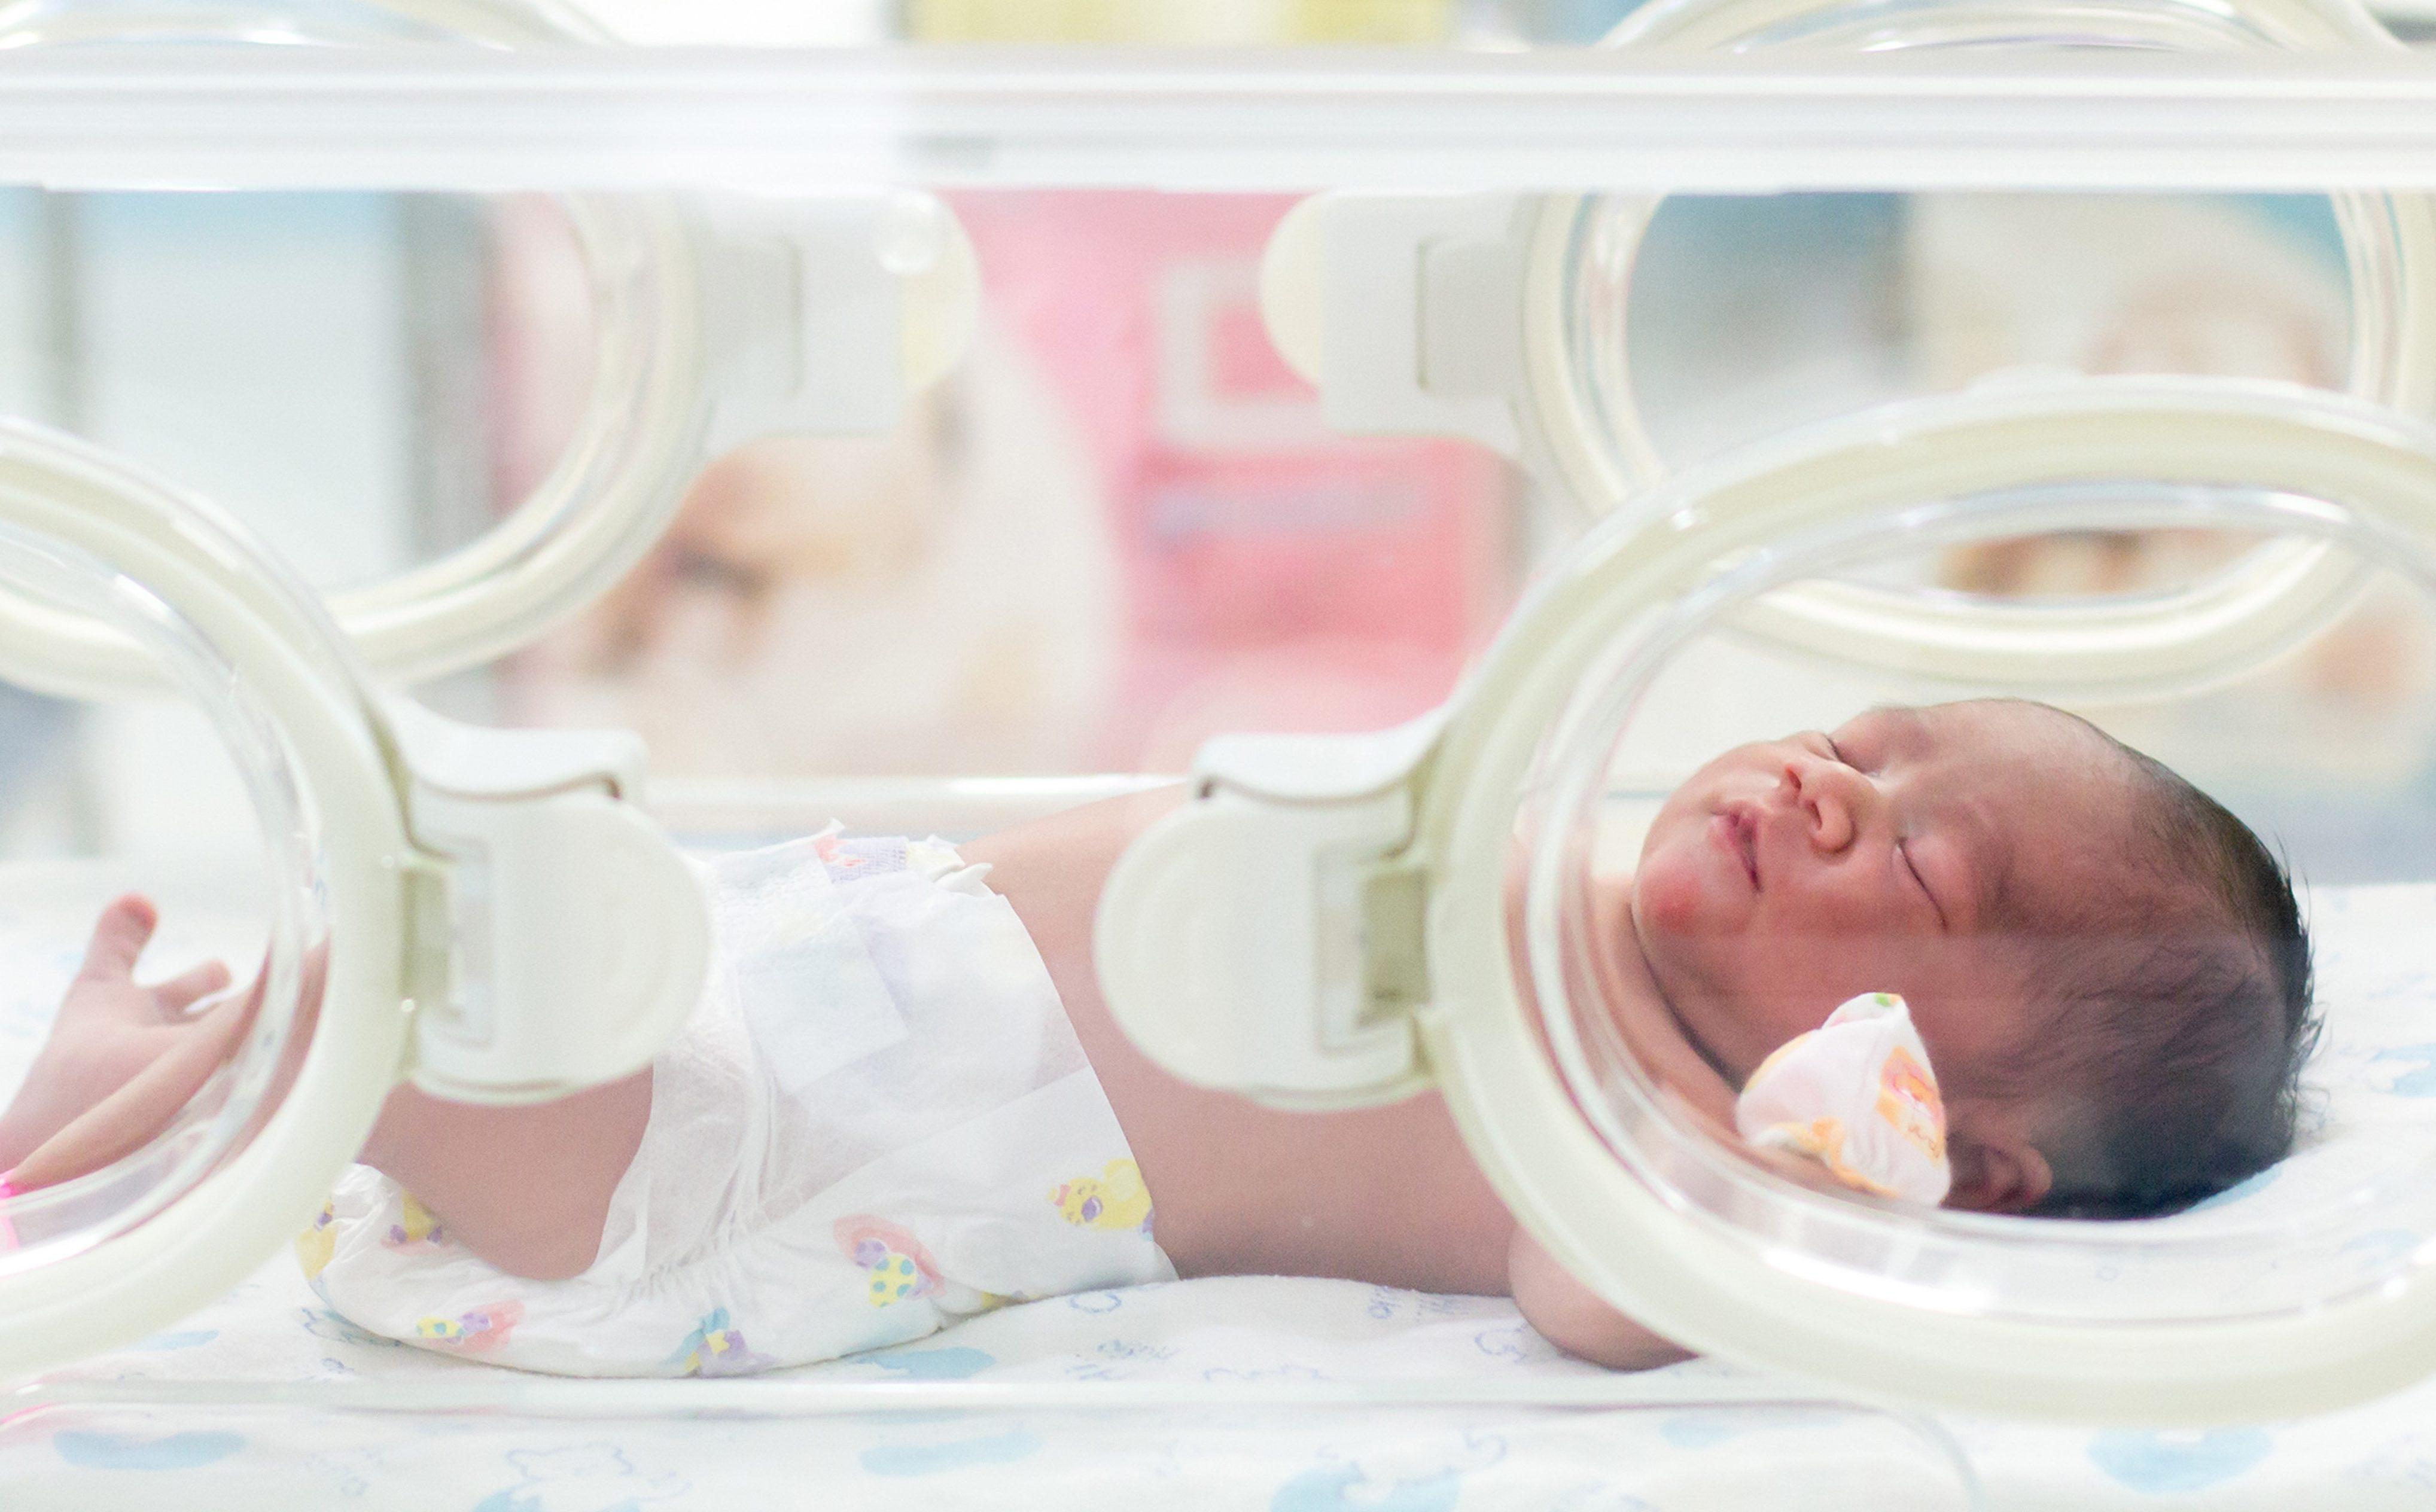 Существуют ли государственные пособиядля недоношенных детей